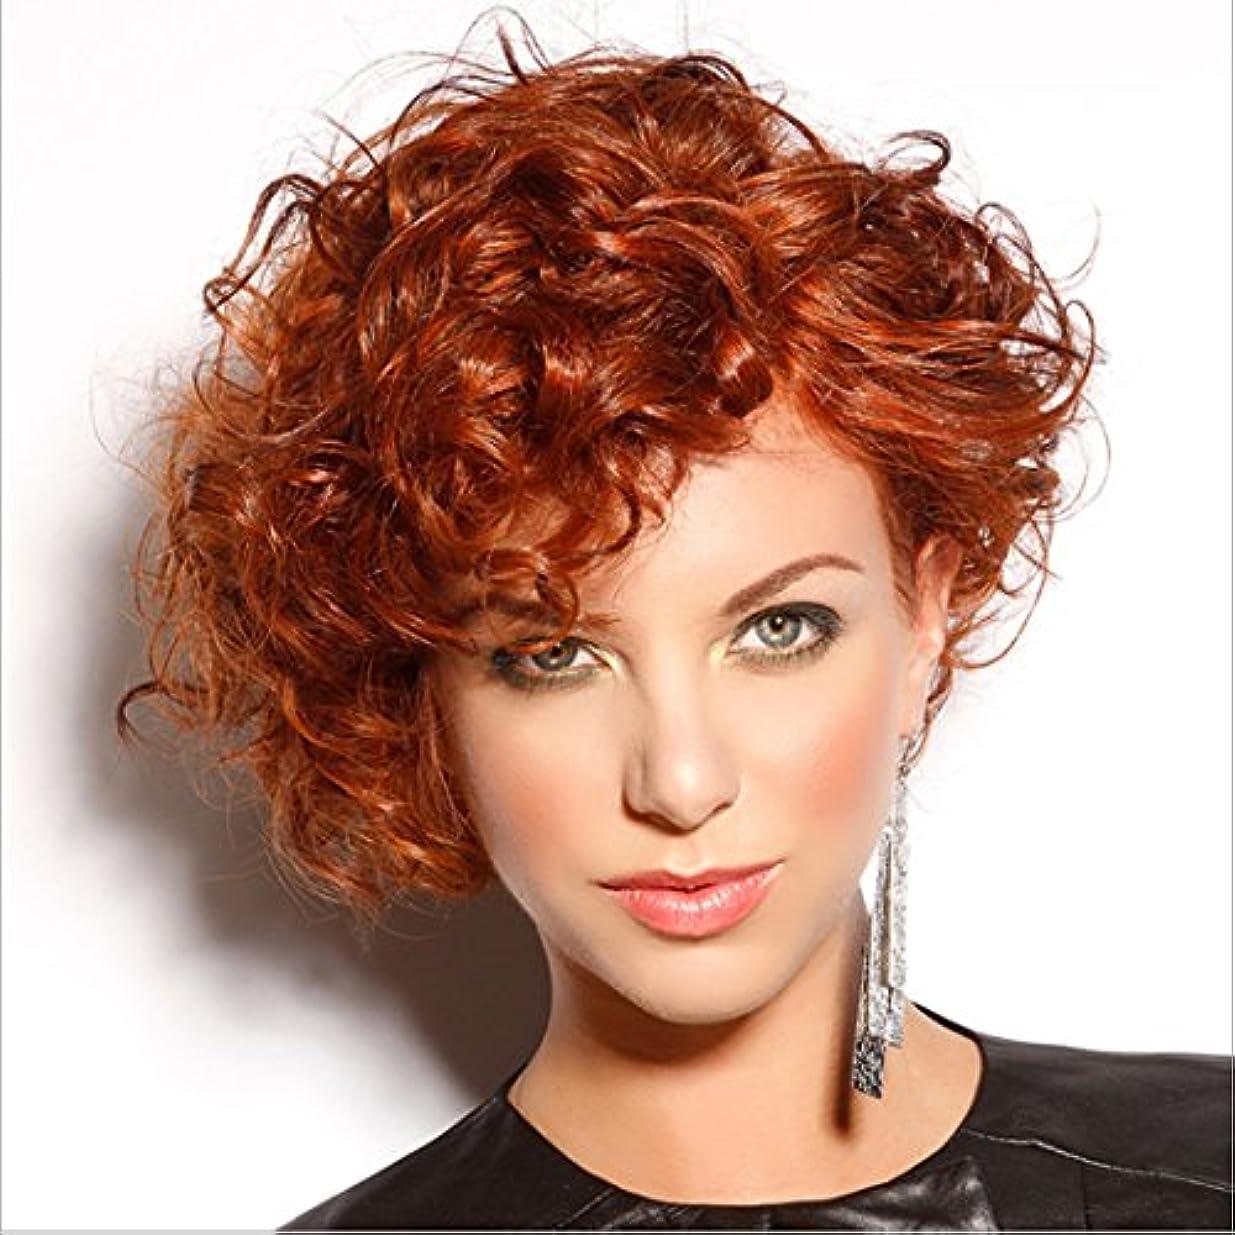 アルカイック機動寛大なYOUQIU 青少年の人格の女性のかつらのための部分的な斜め前髪ウィッグで女子ショートカーリーヘア用20センチメートルボボヘッドウィッグ (色 : ワインレッド)